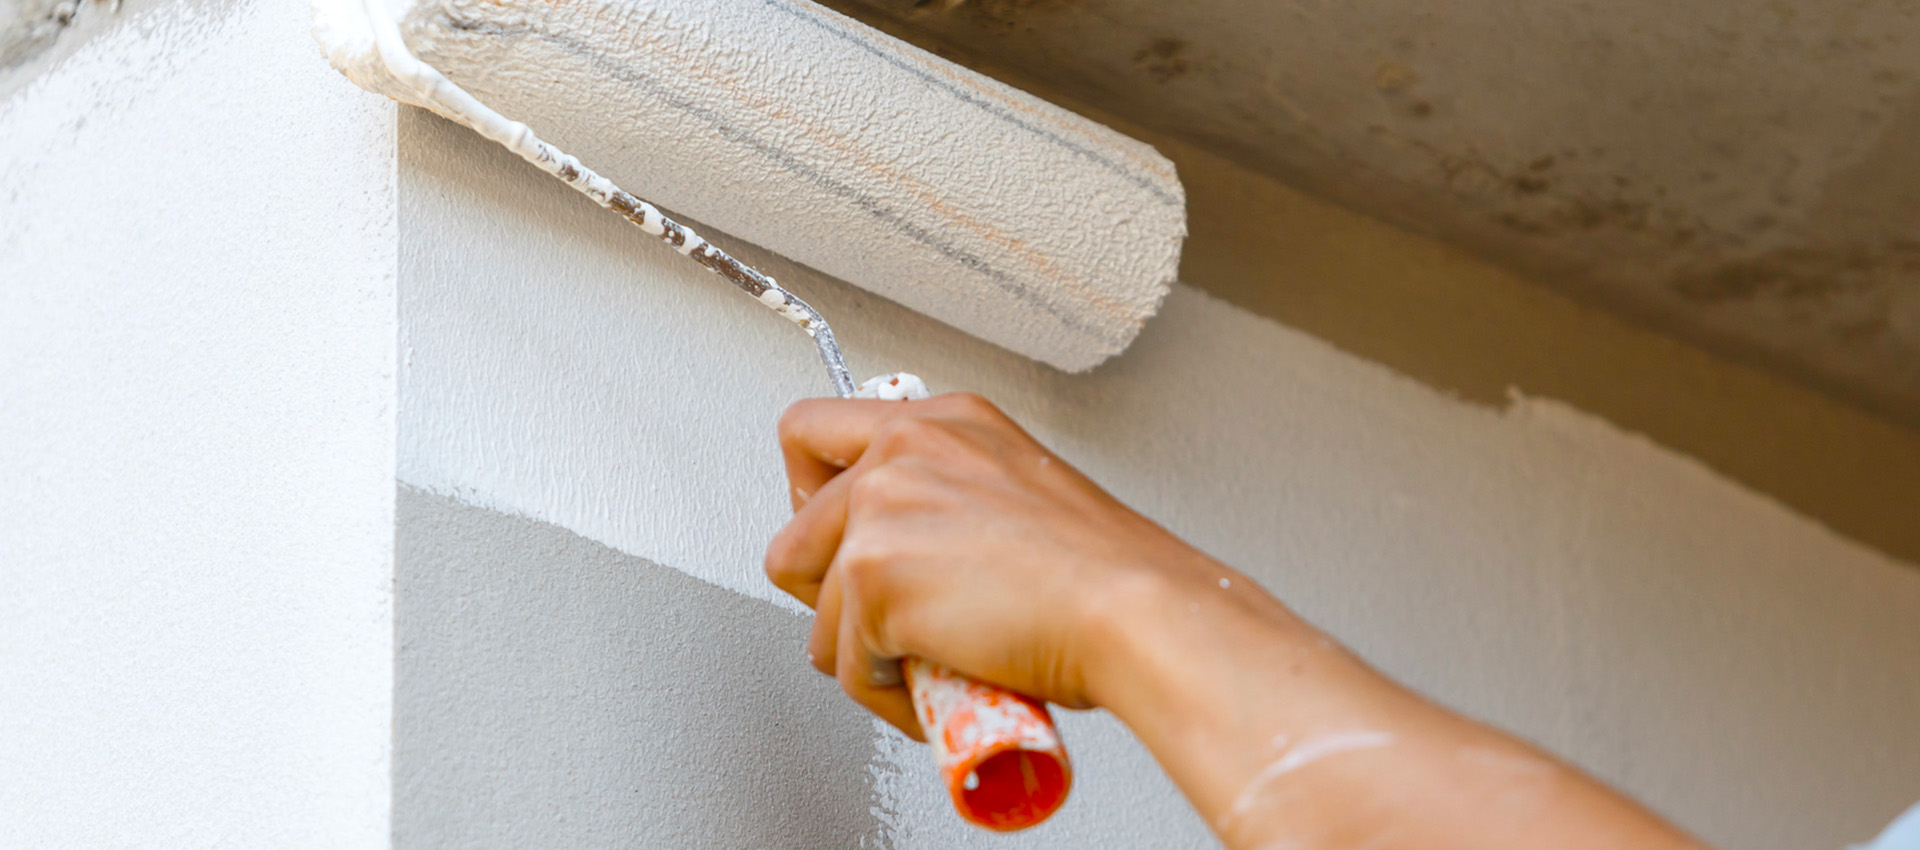 pitture impermeabili contro risanamento umidità